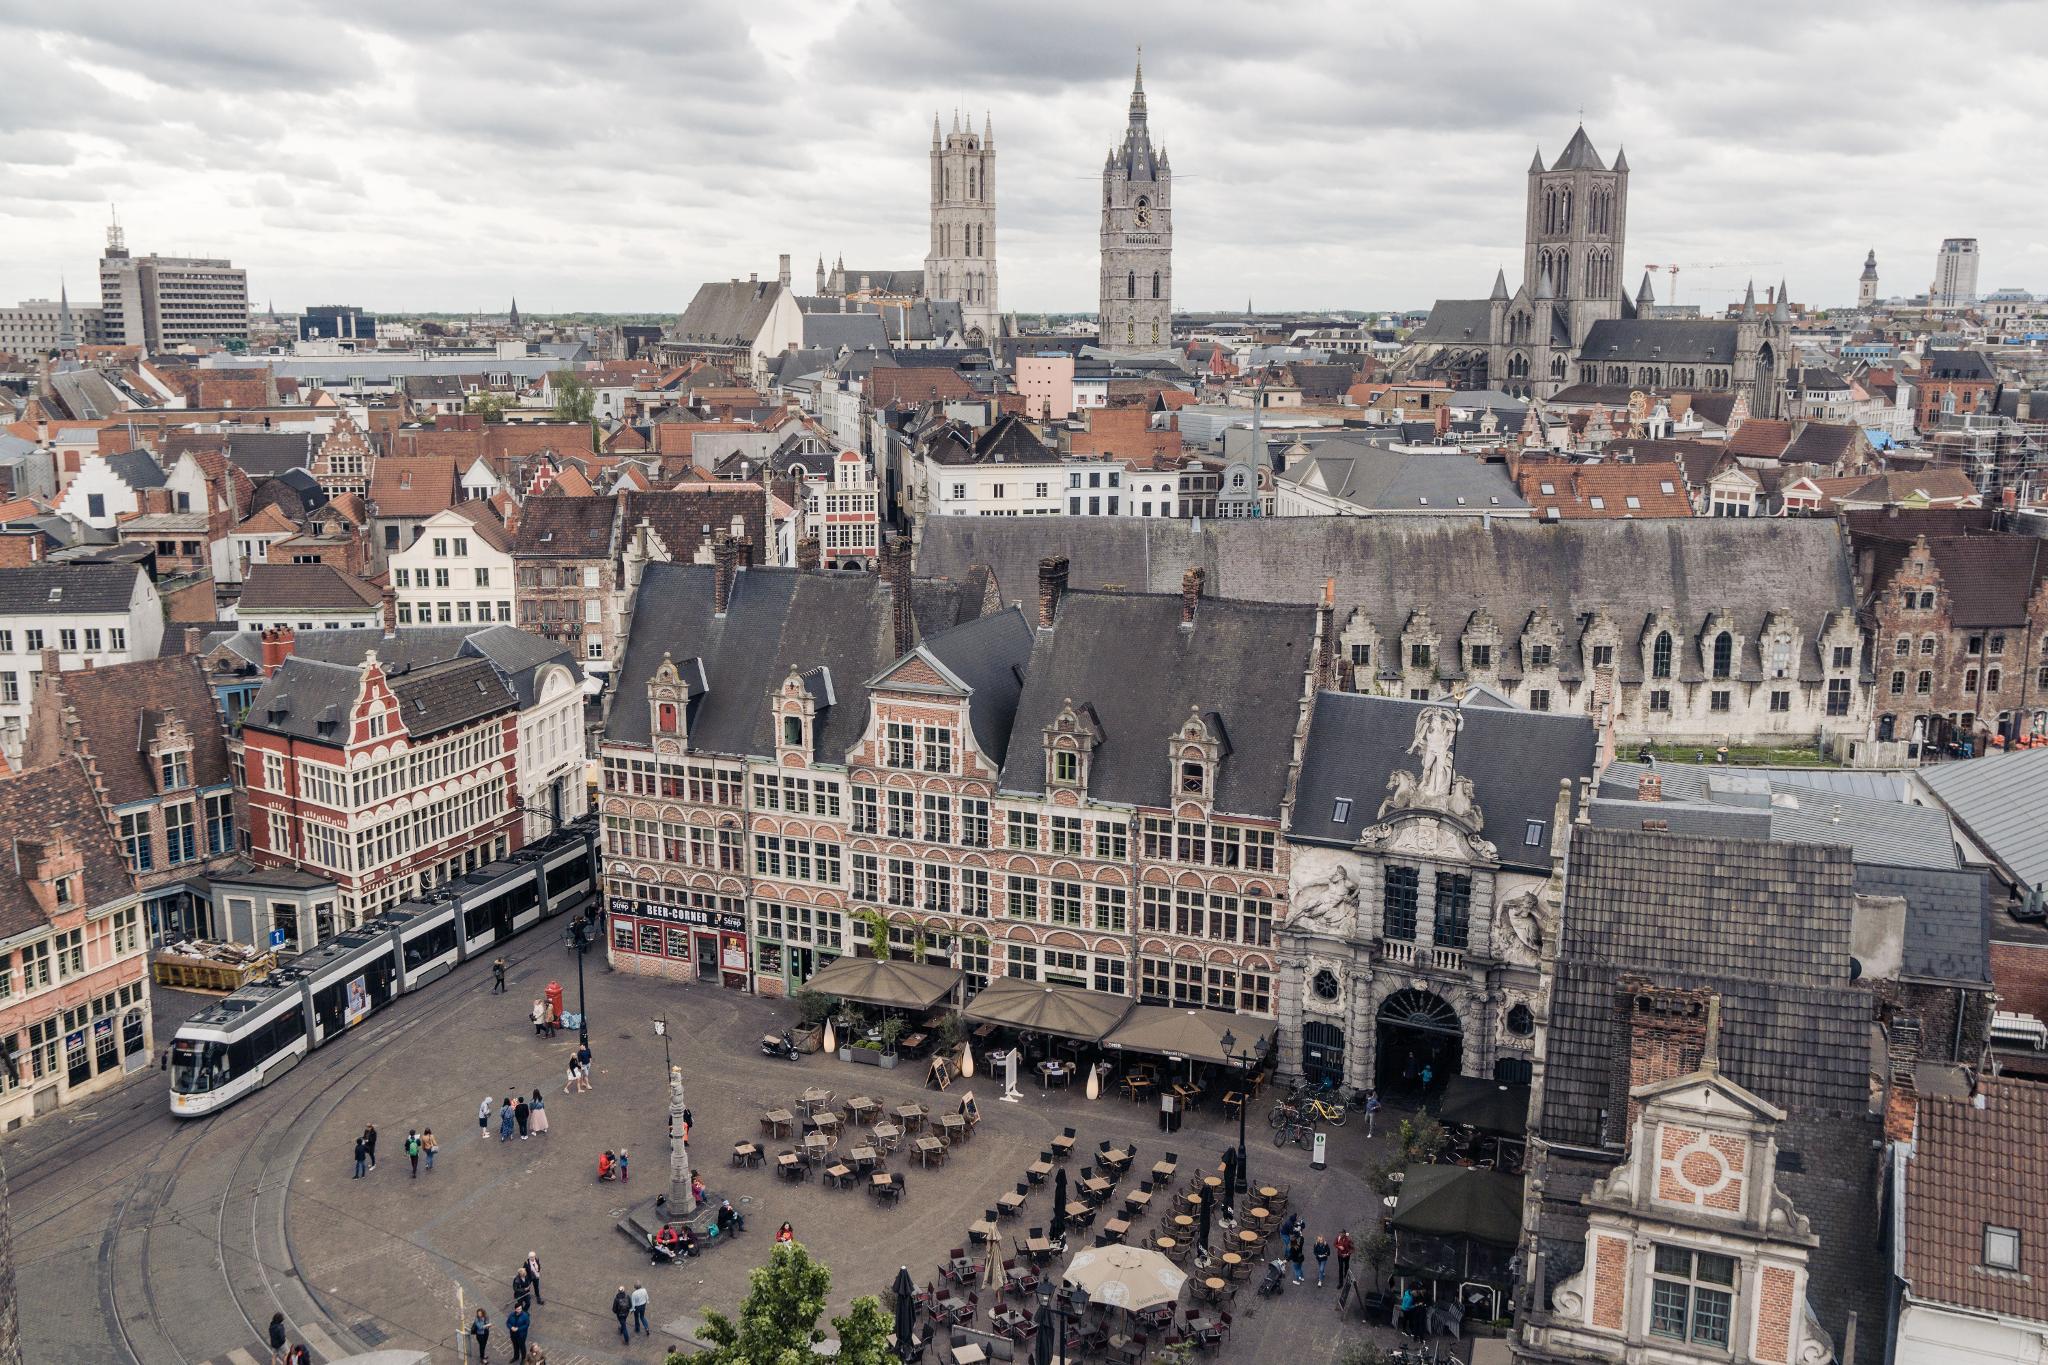 【比利時】穿梭中世紀的大城小事 — 比利時根特 (Ghent) 散步景點總整理 119